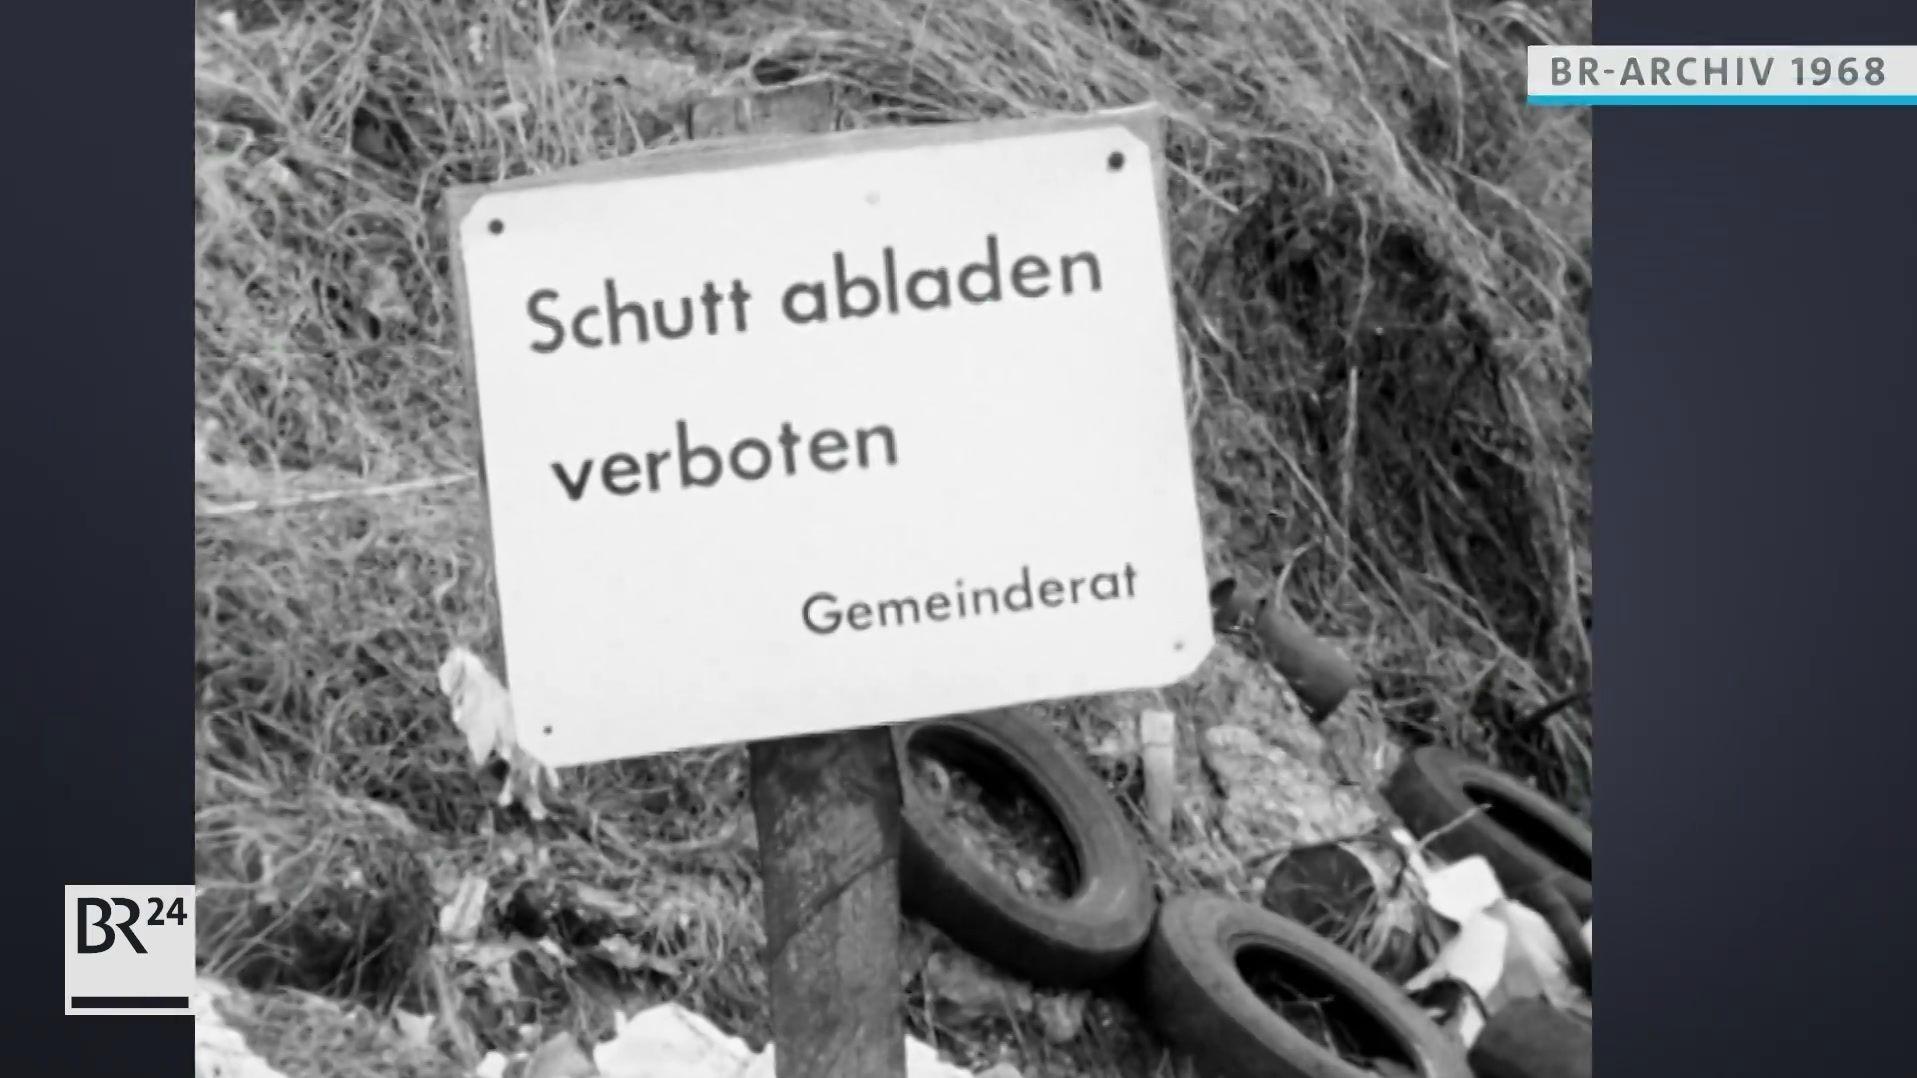 """Schild mit Text """"Schutt abladen verboten"""""""